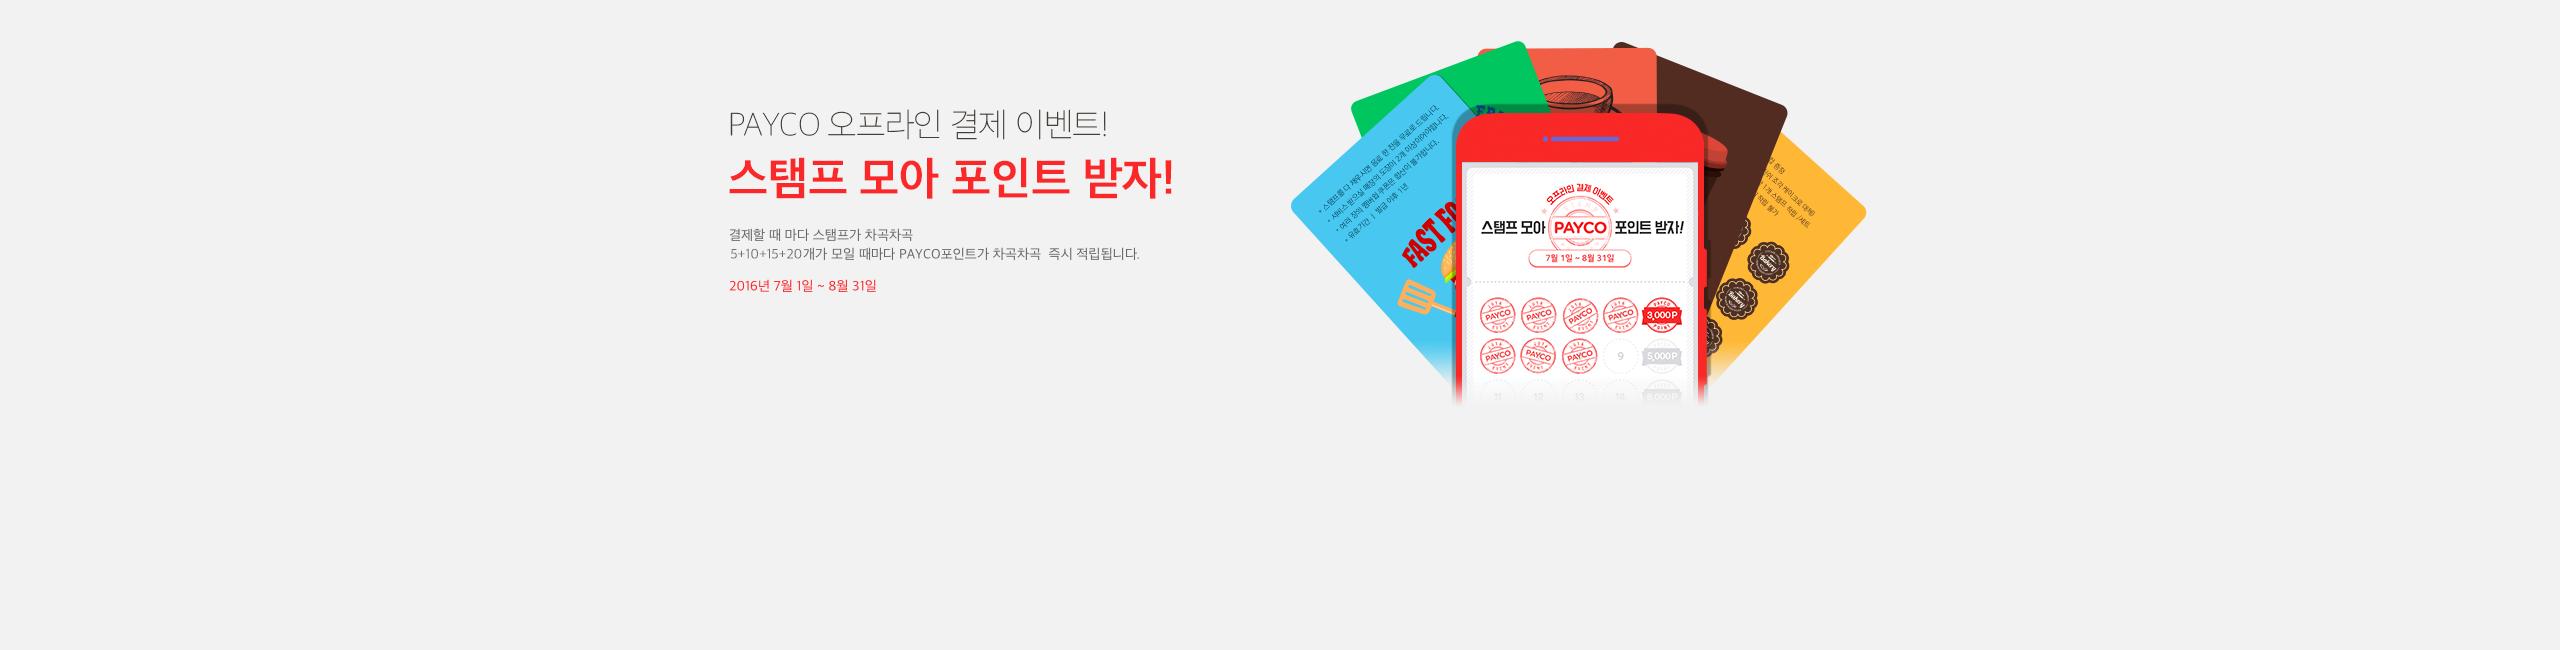 스탬프 모아 PAYCO포인트!